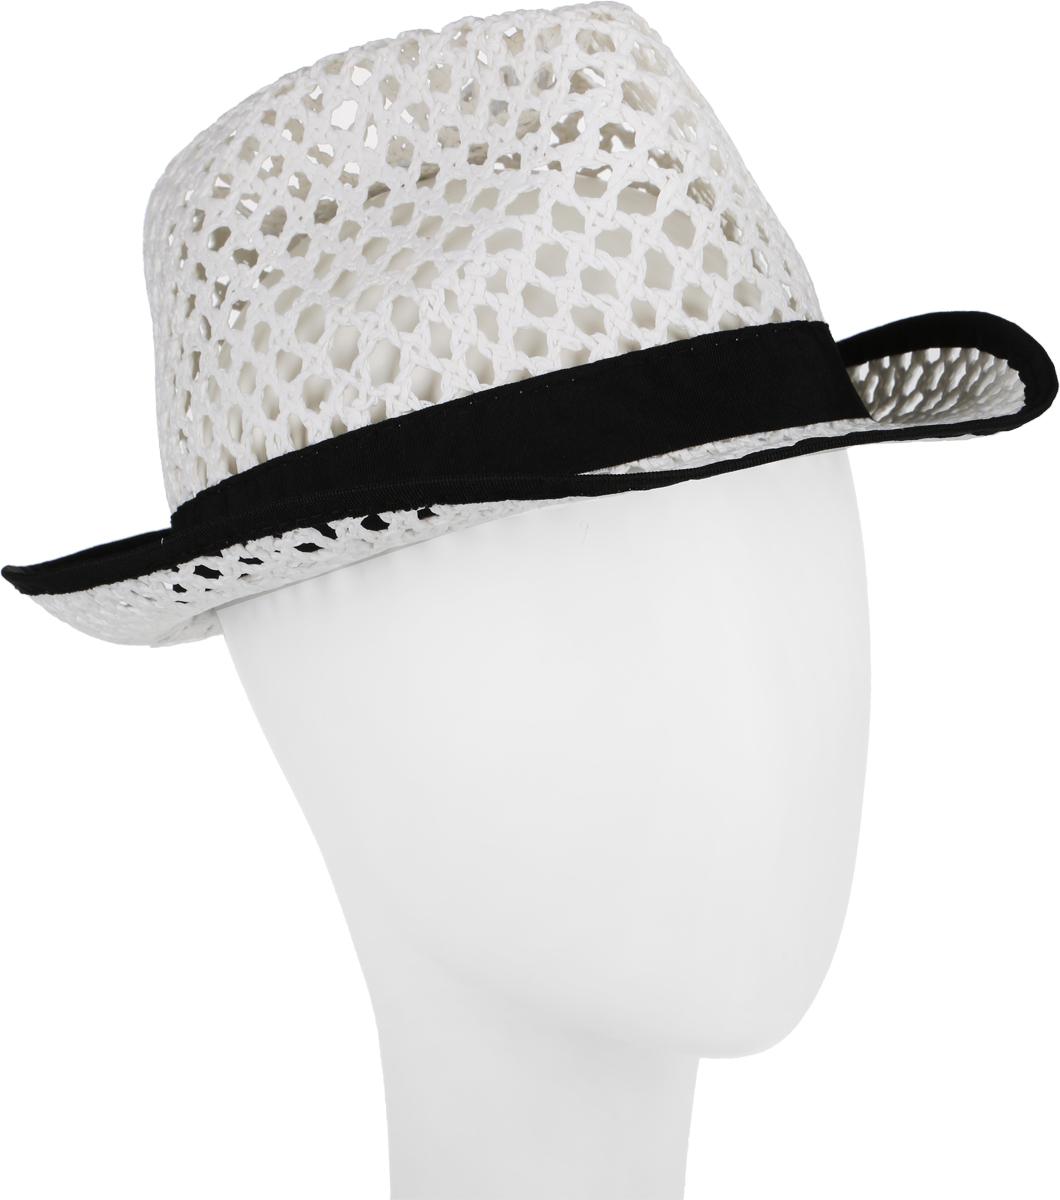 Шляпа женская Canoe Daima, цвет: белый. 1964520. Размер 561964520Шляпа-федора Canoe Daima непременно украсит любой наряд.Шляпа из искусственной соломы оформлена трикотажным ремешком с логотипом фирмы вокруг тульи. Благодаря своей форме, шляпа удобно садится по голове и подойдет к любому стилю. Плетение шляпы позволяет ей пропускать воздух, что обеспечивает необходимую вентиляцию.Такая шляпа подчеркнет вашу неповторимость и дополнит ваш повседневный образ.